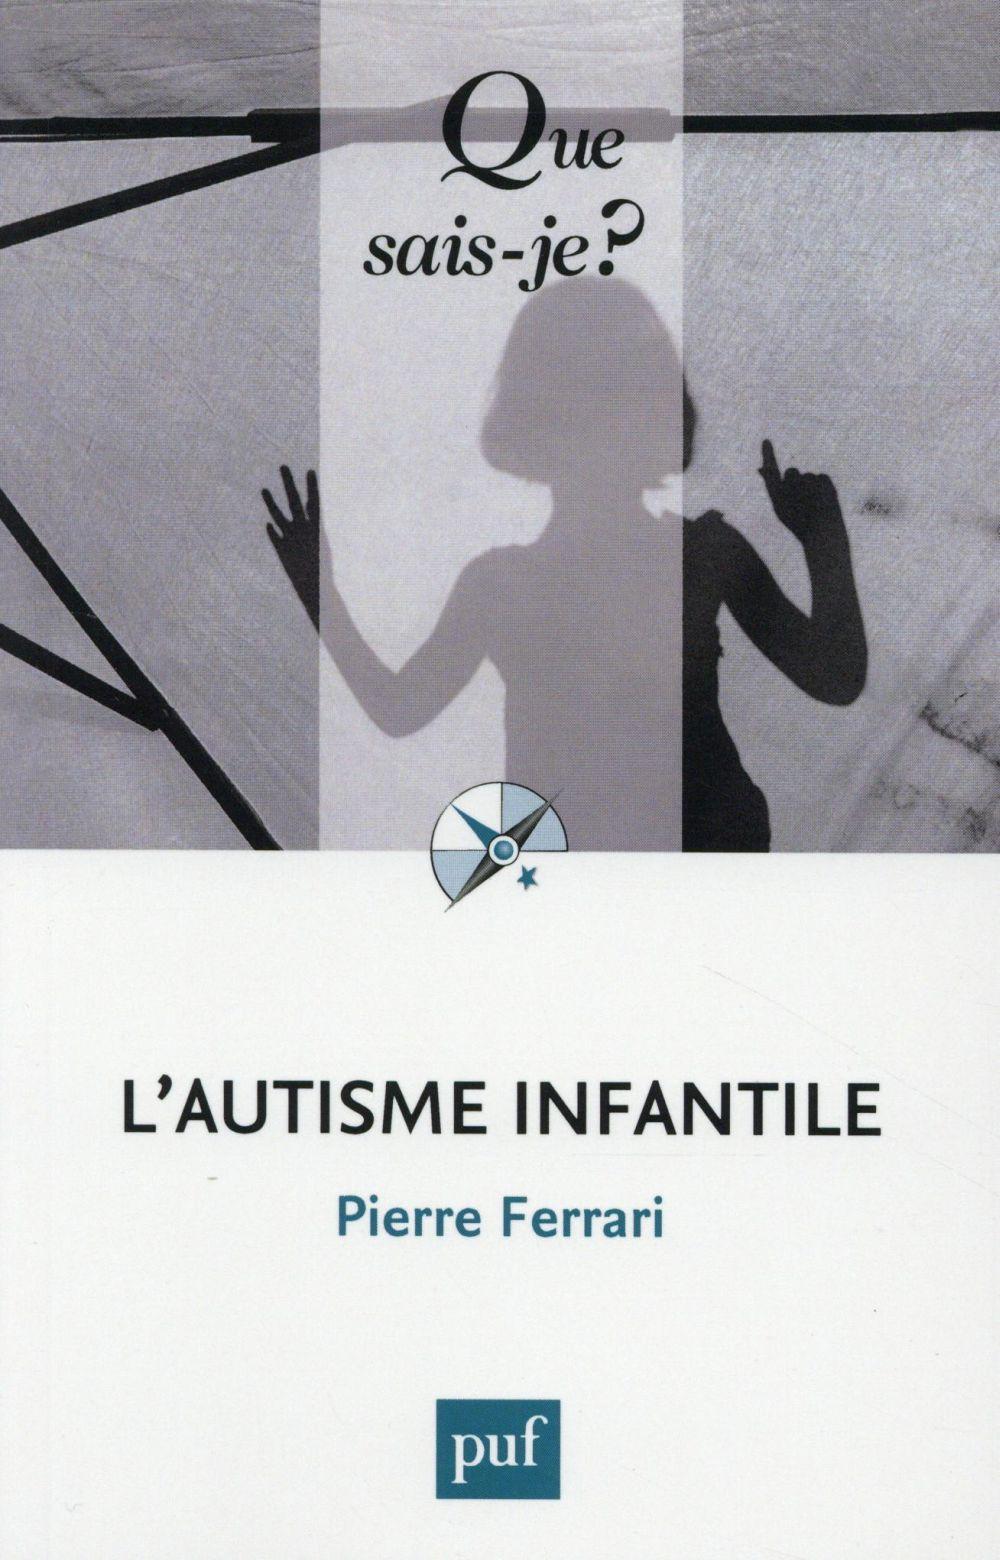 L'AUTISME INFANTILE (7E EDITION)